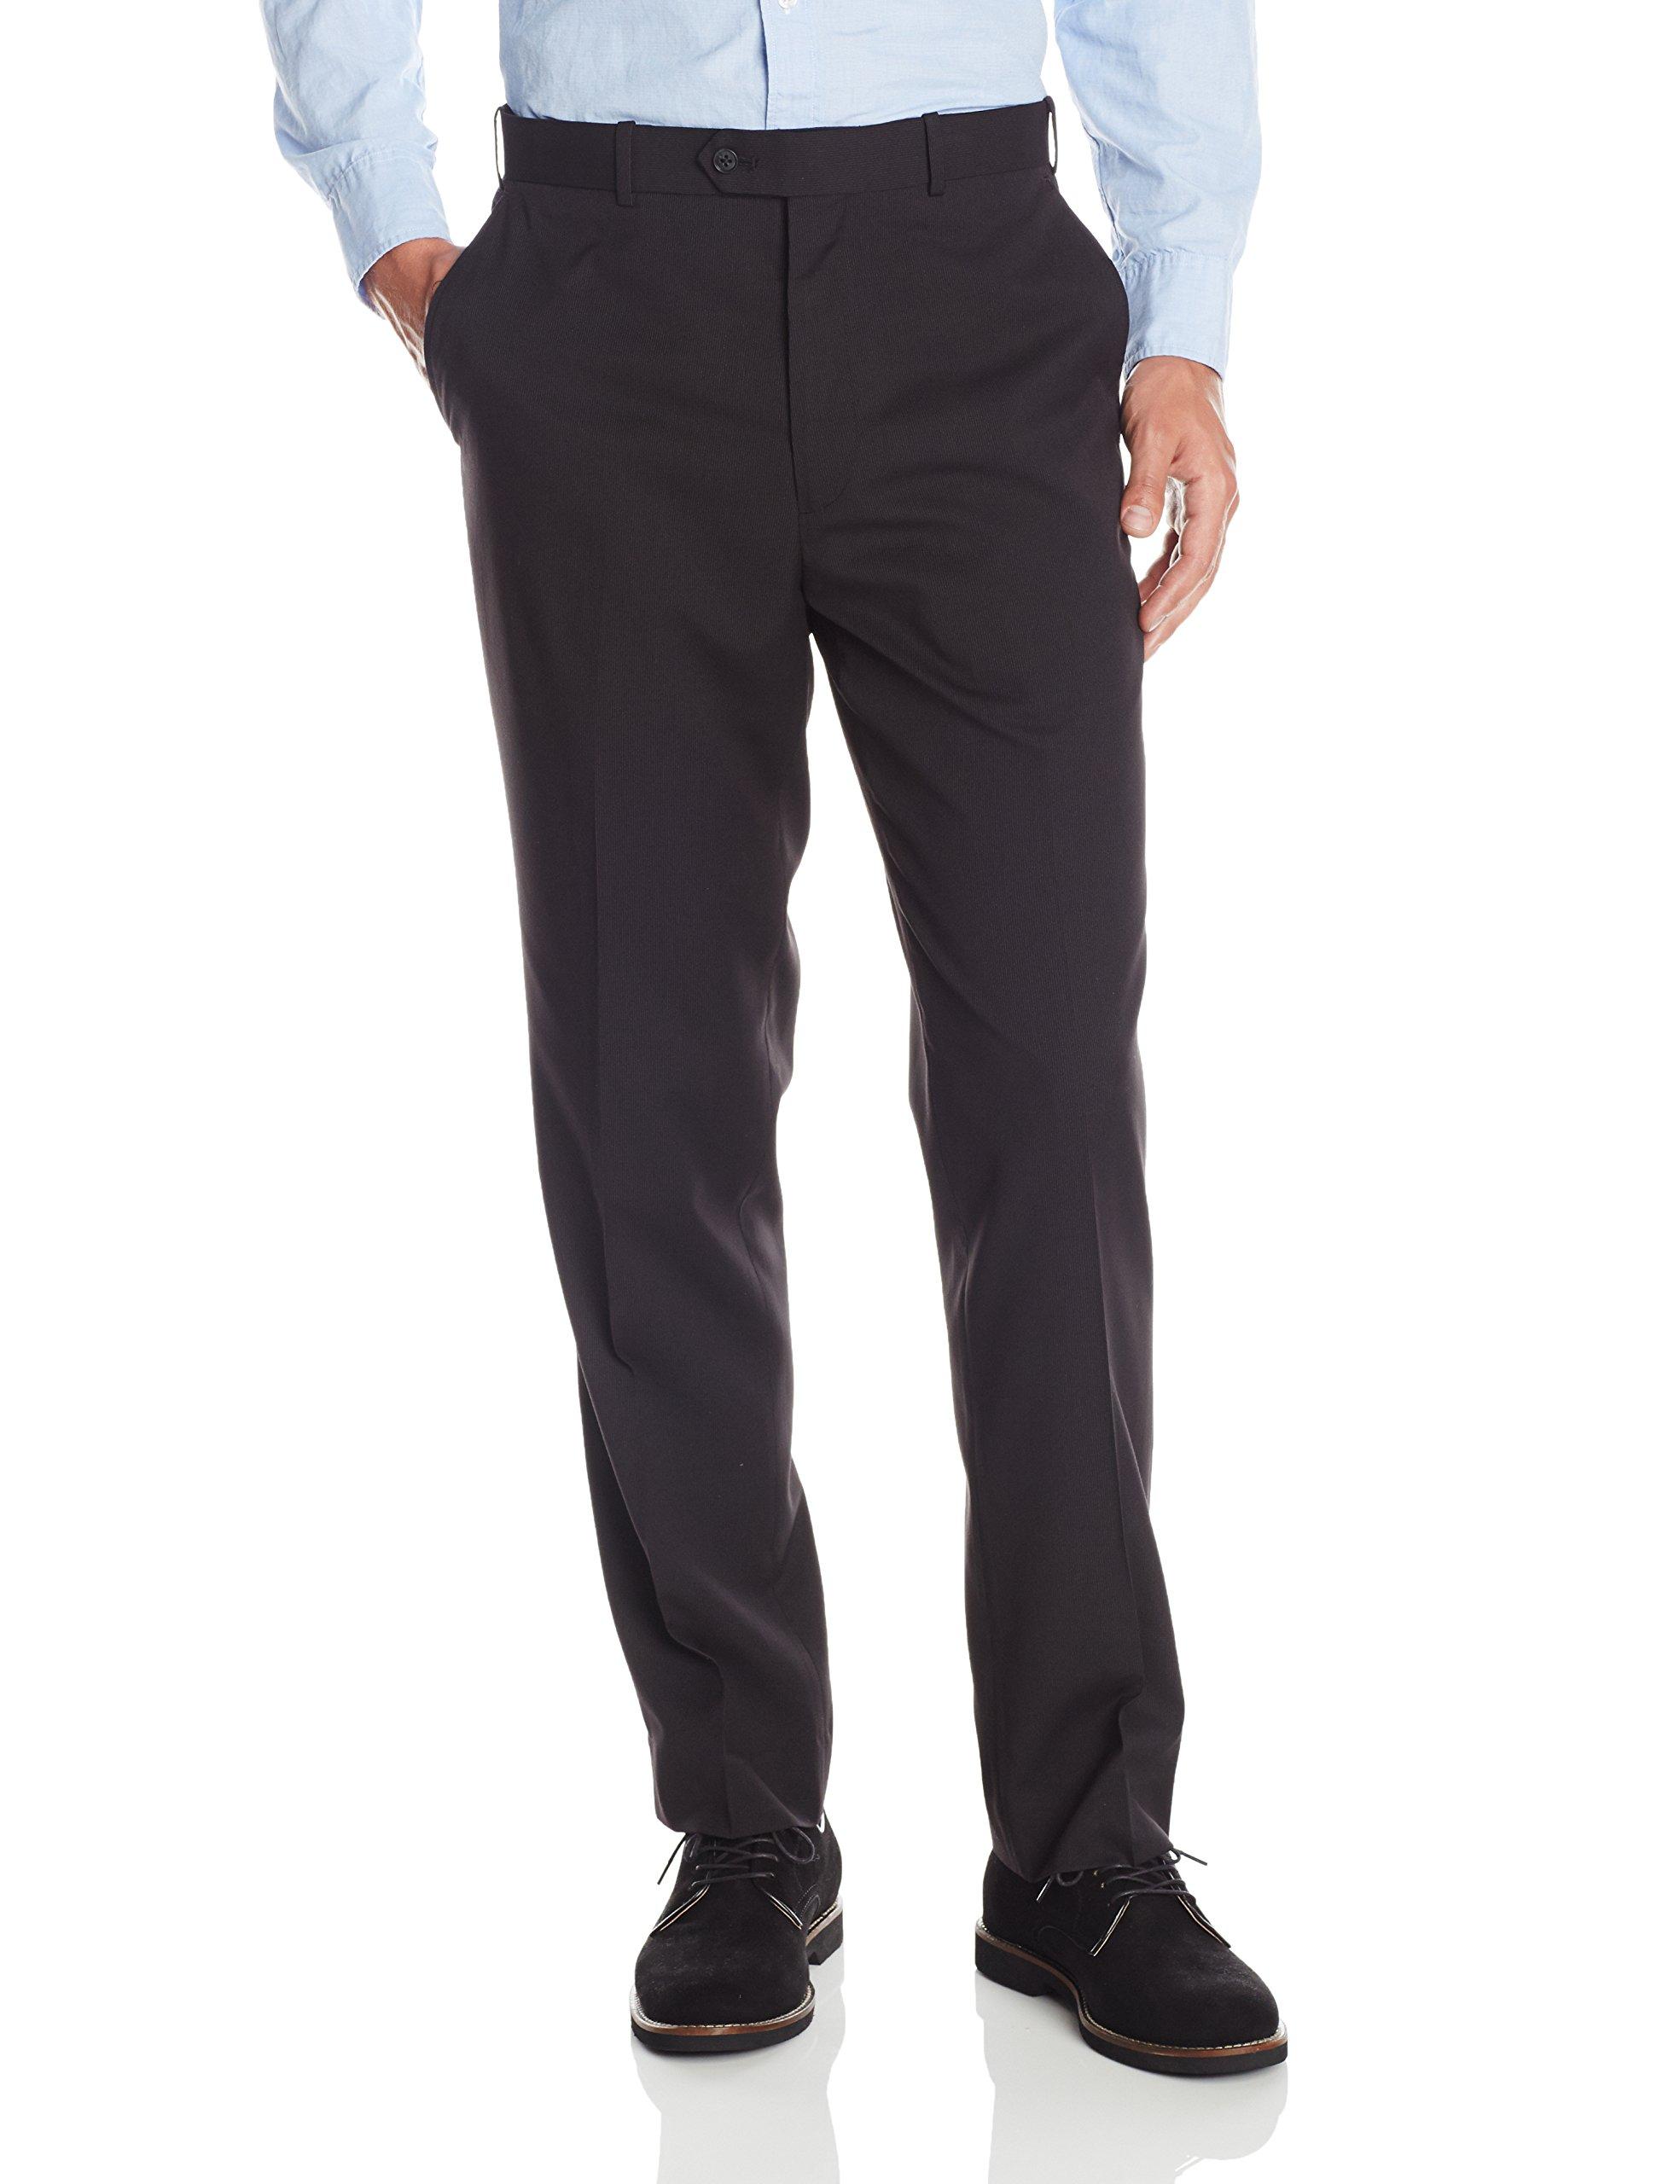 U.S. Polo Assn. Men's Flat Front Pant, Black Stripe, 36W x 30L